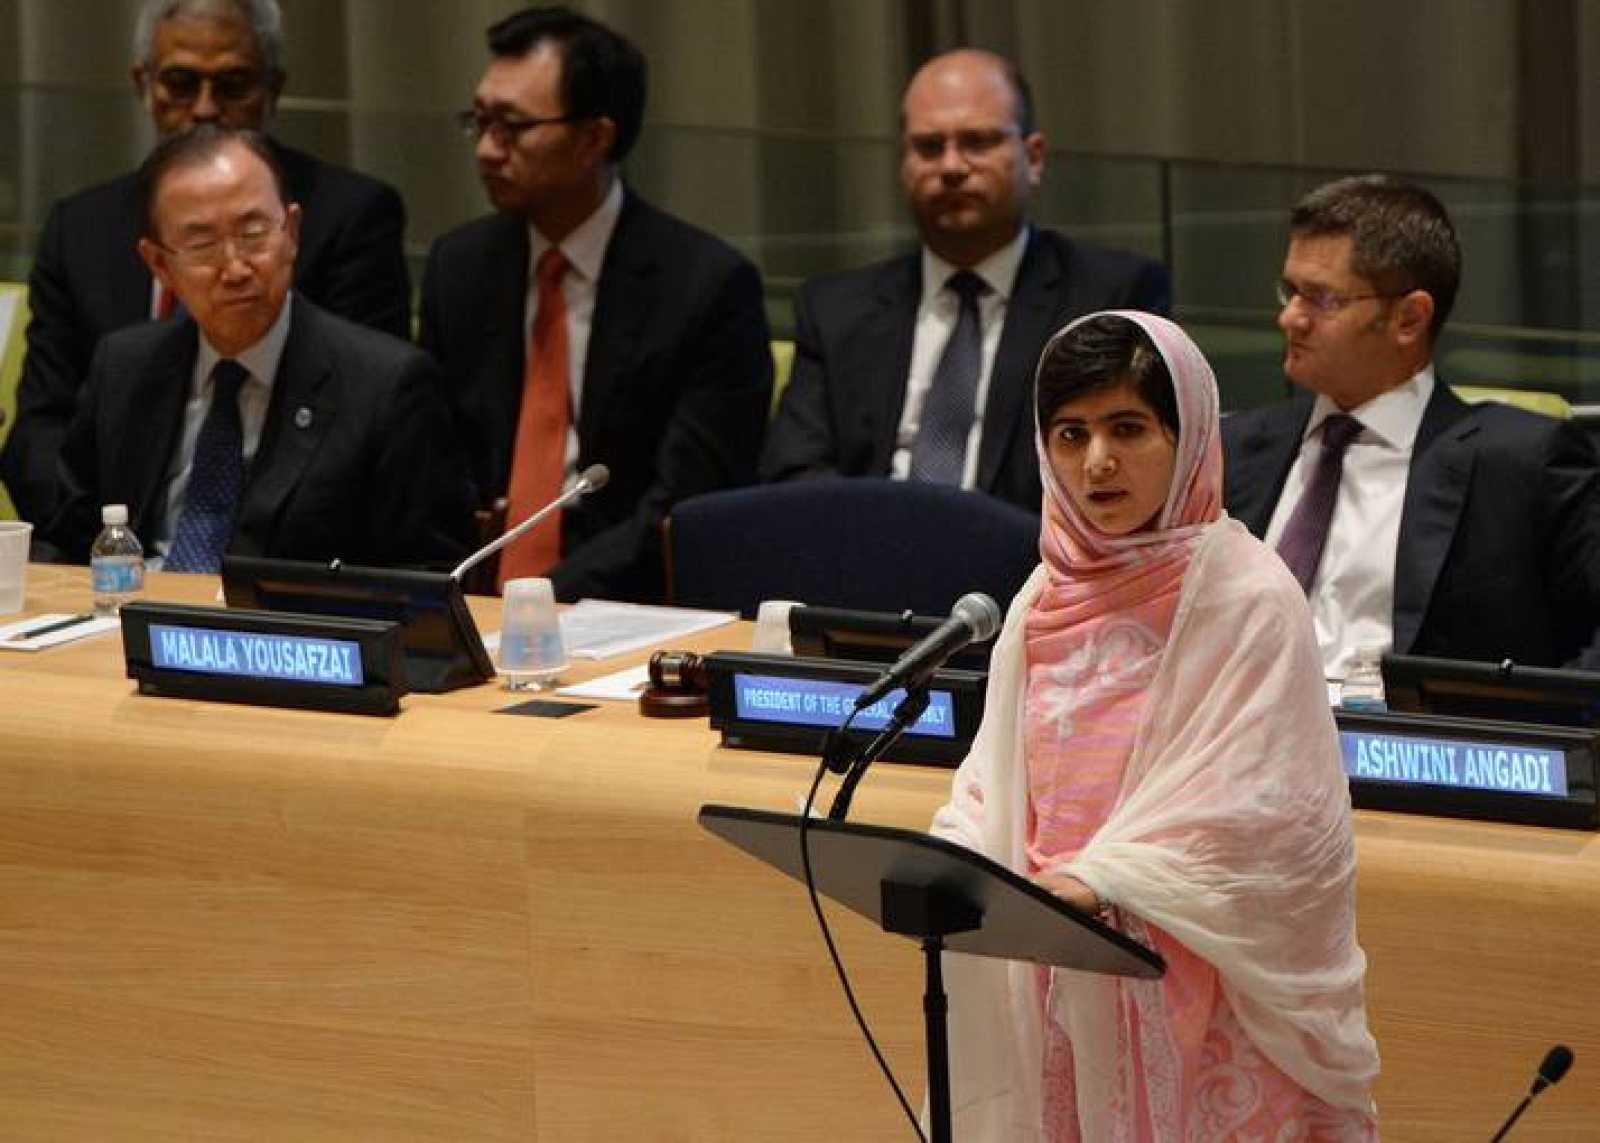 Malala, en una foto de su discurso ante la ONU el 12 de julio de 2013